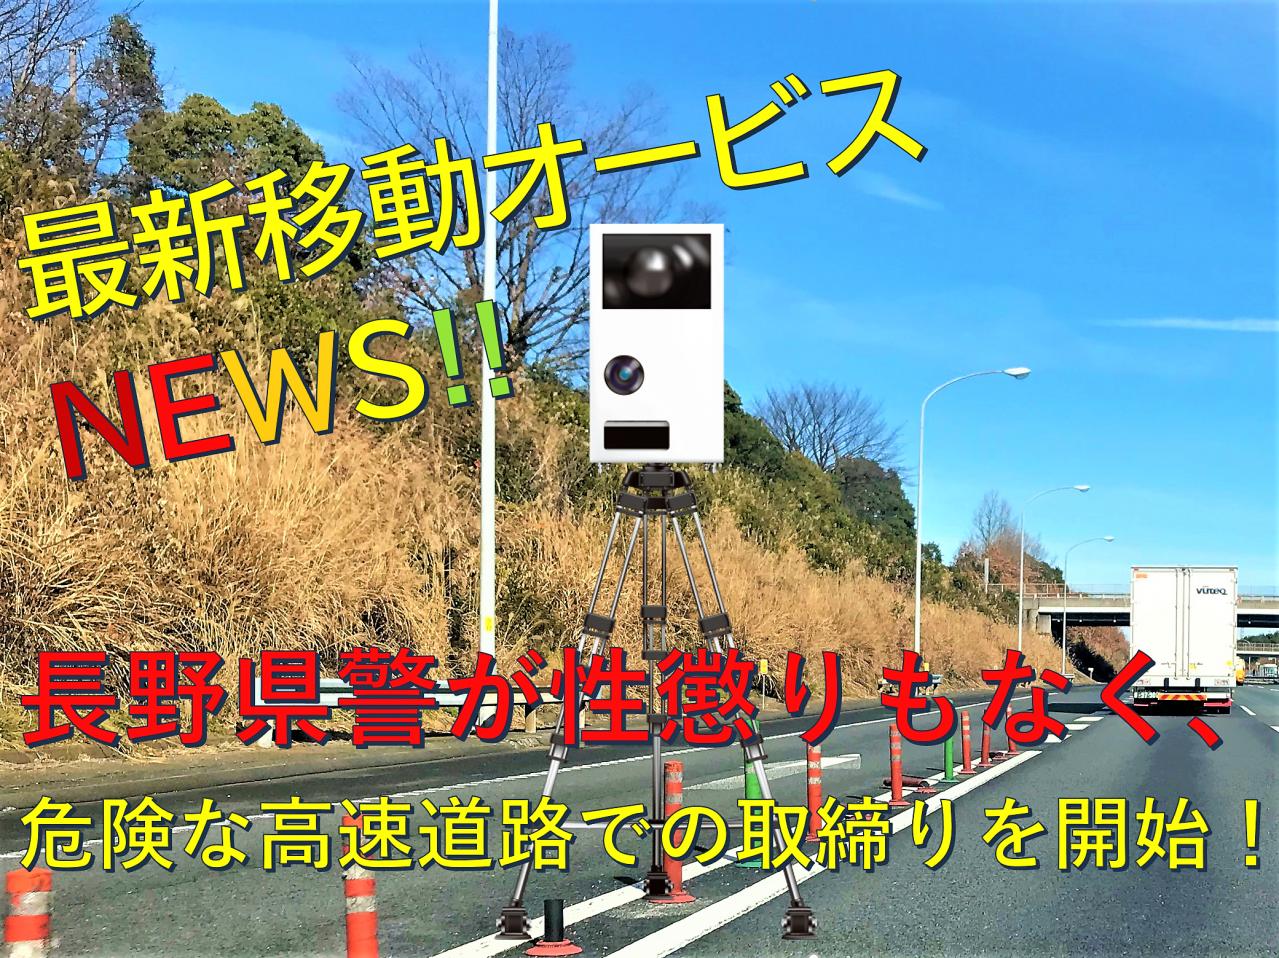 広島 移動 式 オービス